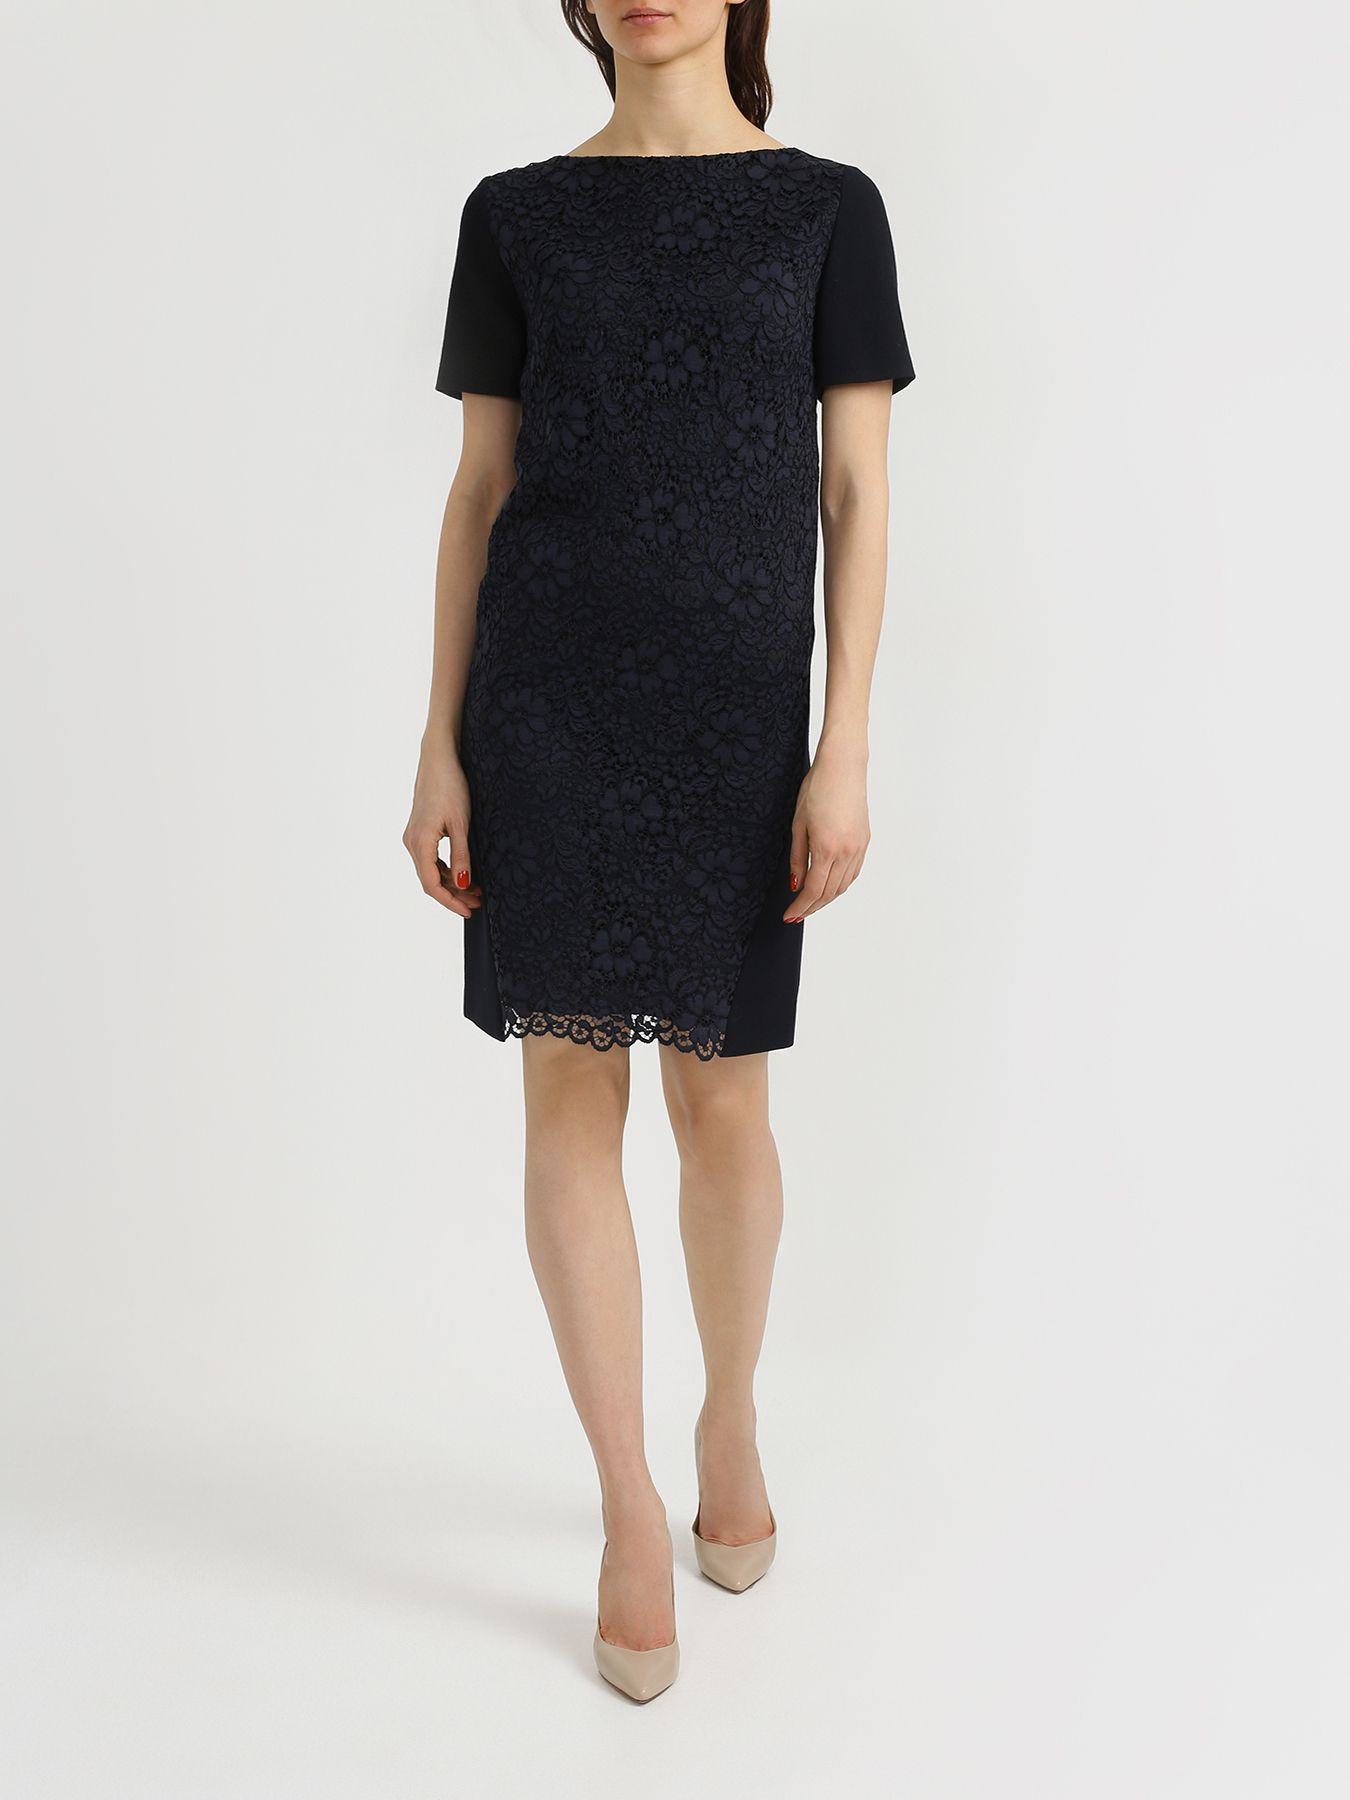 Платье Korpo Кружевное платье платье korpo платье